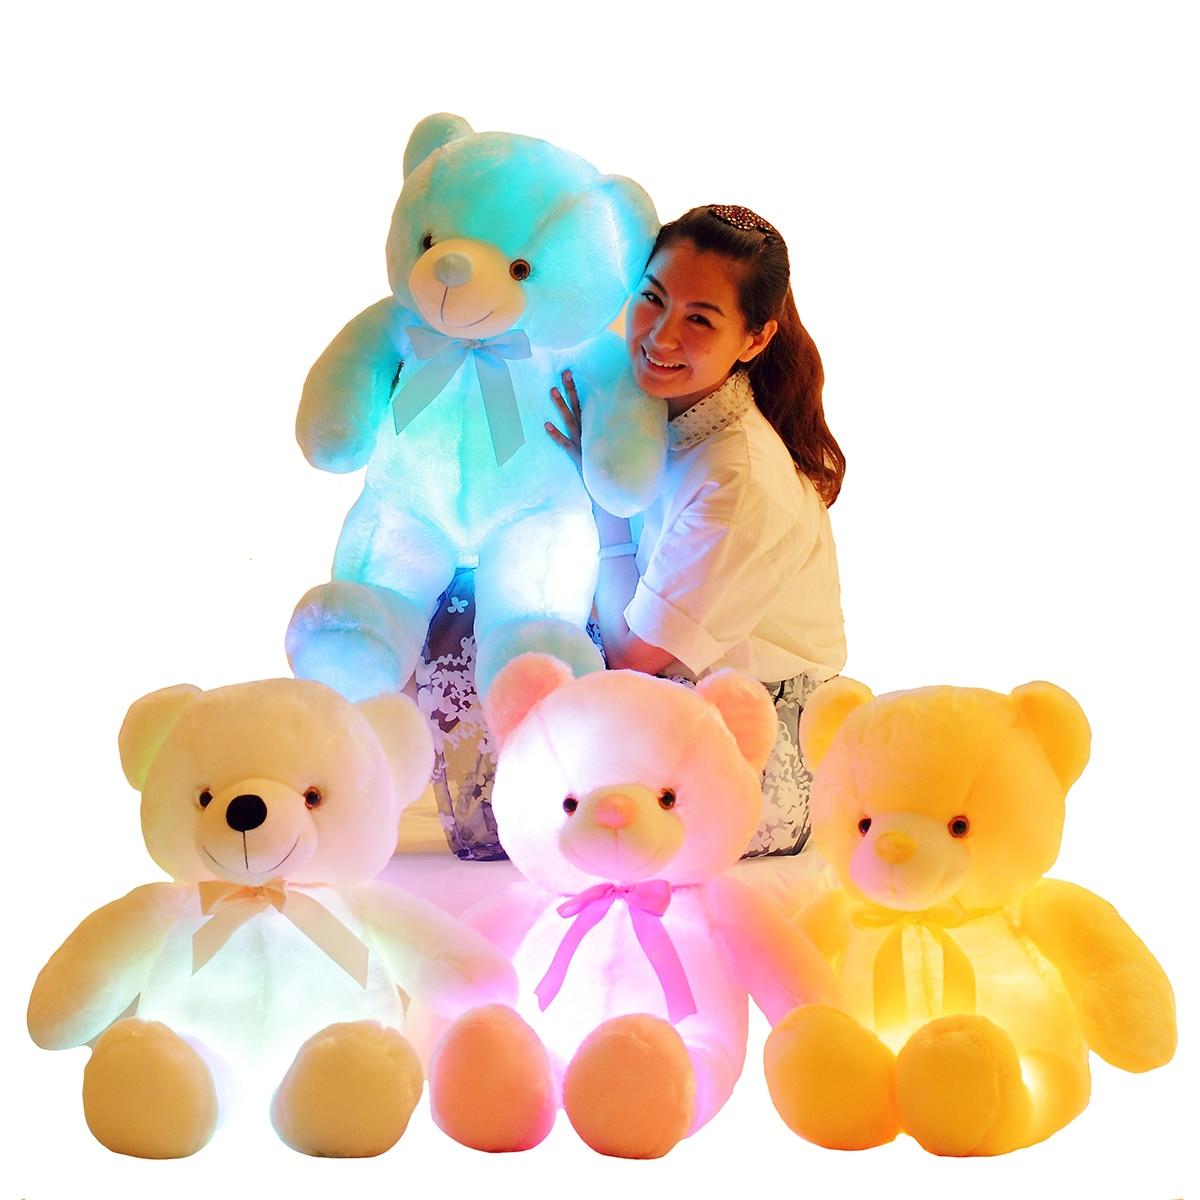 Lumineux 25/30/50cm créatif éclairage LED coloré brillant ours en peluche en peluche Animal en peluche cadeau de noël pour enfant